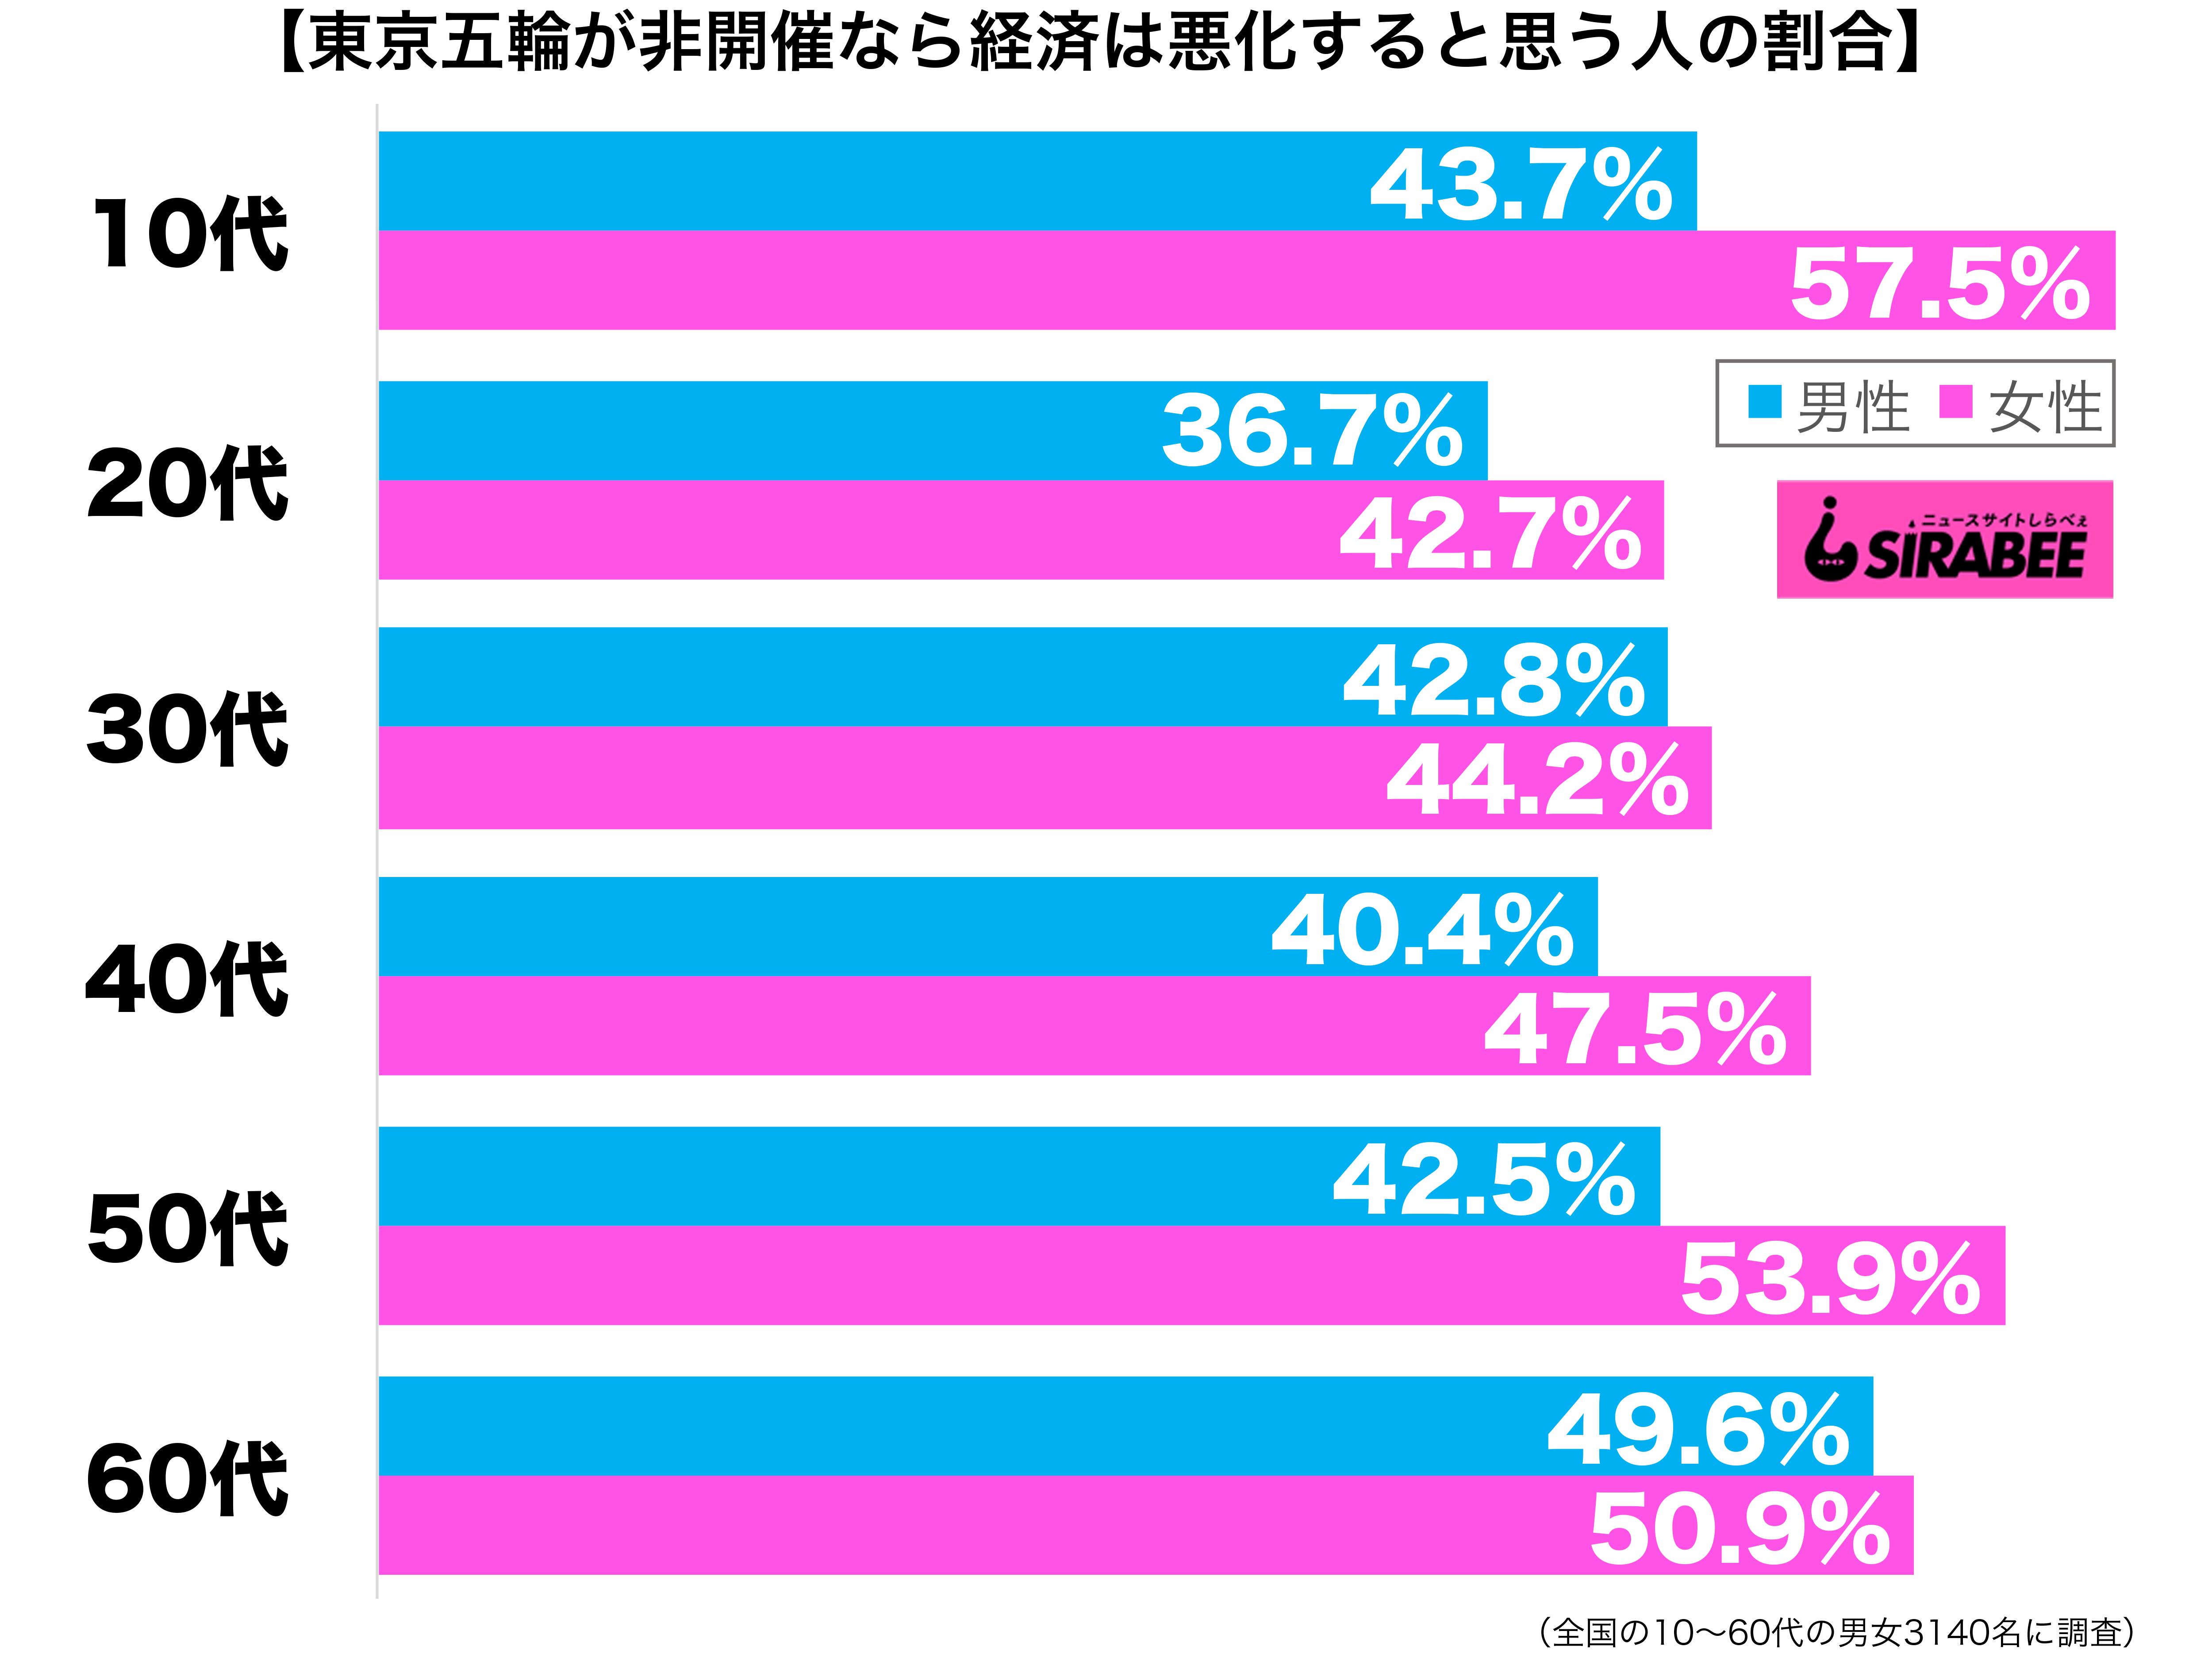 もし東京五輪が開催されなかったら、日本経済は悪化すると思う性年代別グラフ